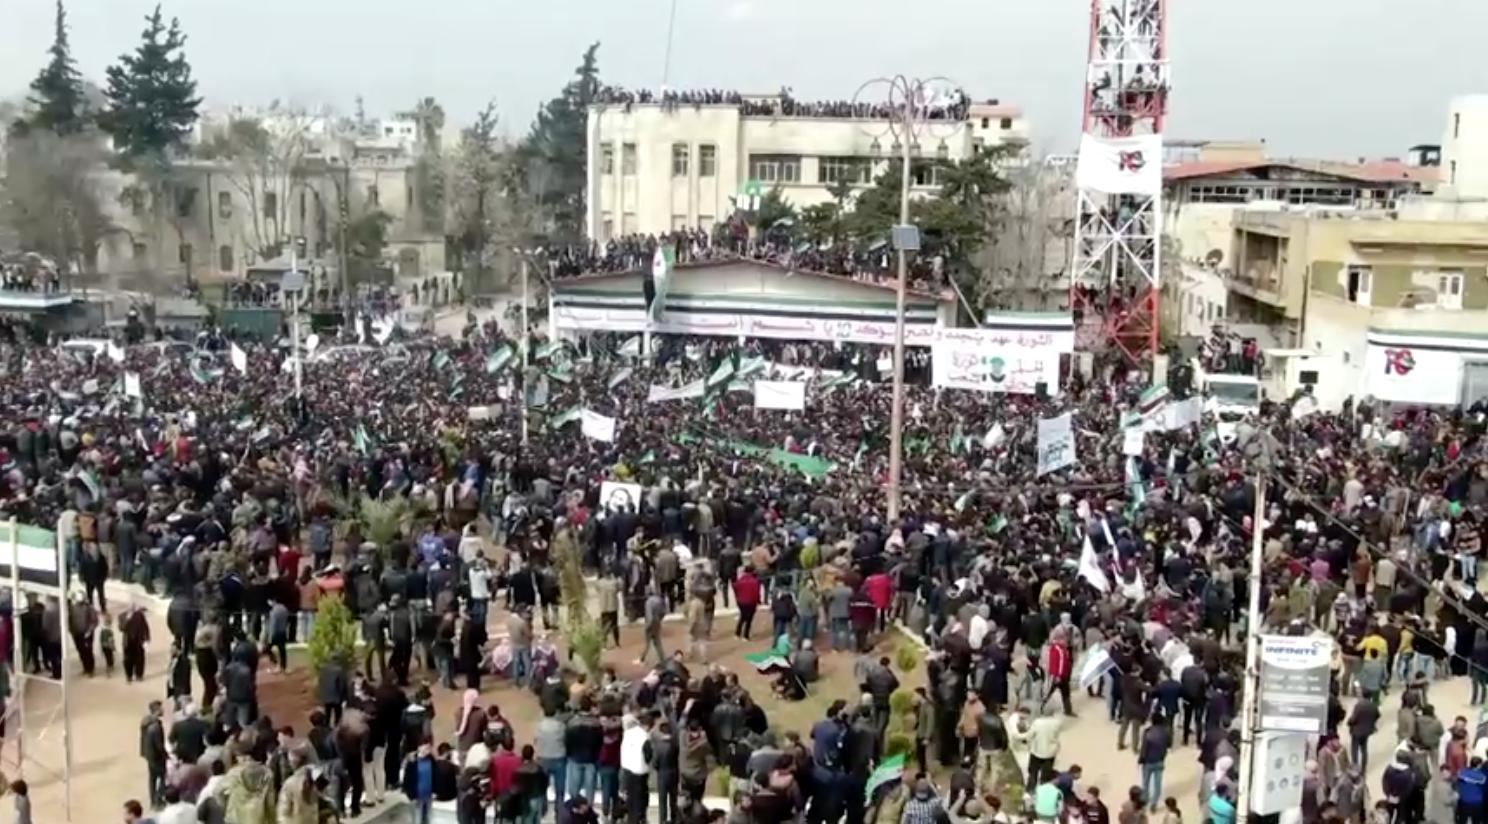 Hàng ngàn người diễn hành ở Idlib, Syria để đánh dấu 10 năm nổi dậy chống chính phủ